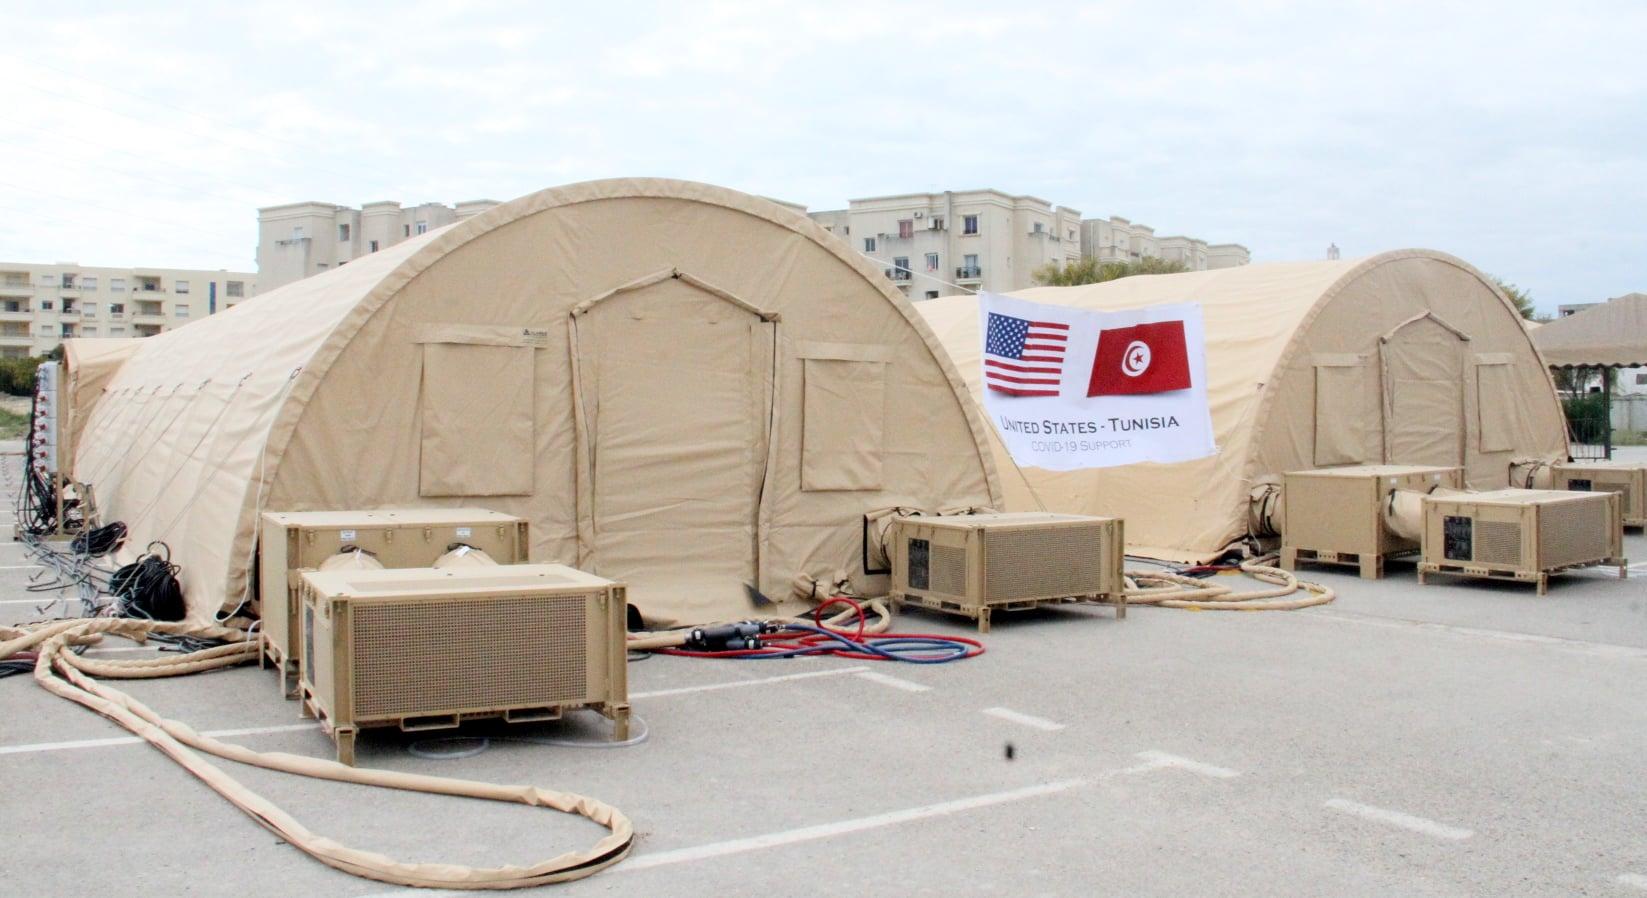 Tunisie: Un don américain au profit de l'hôpital Mongi Slim [Photos]